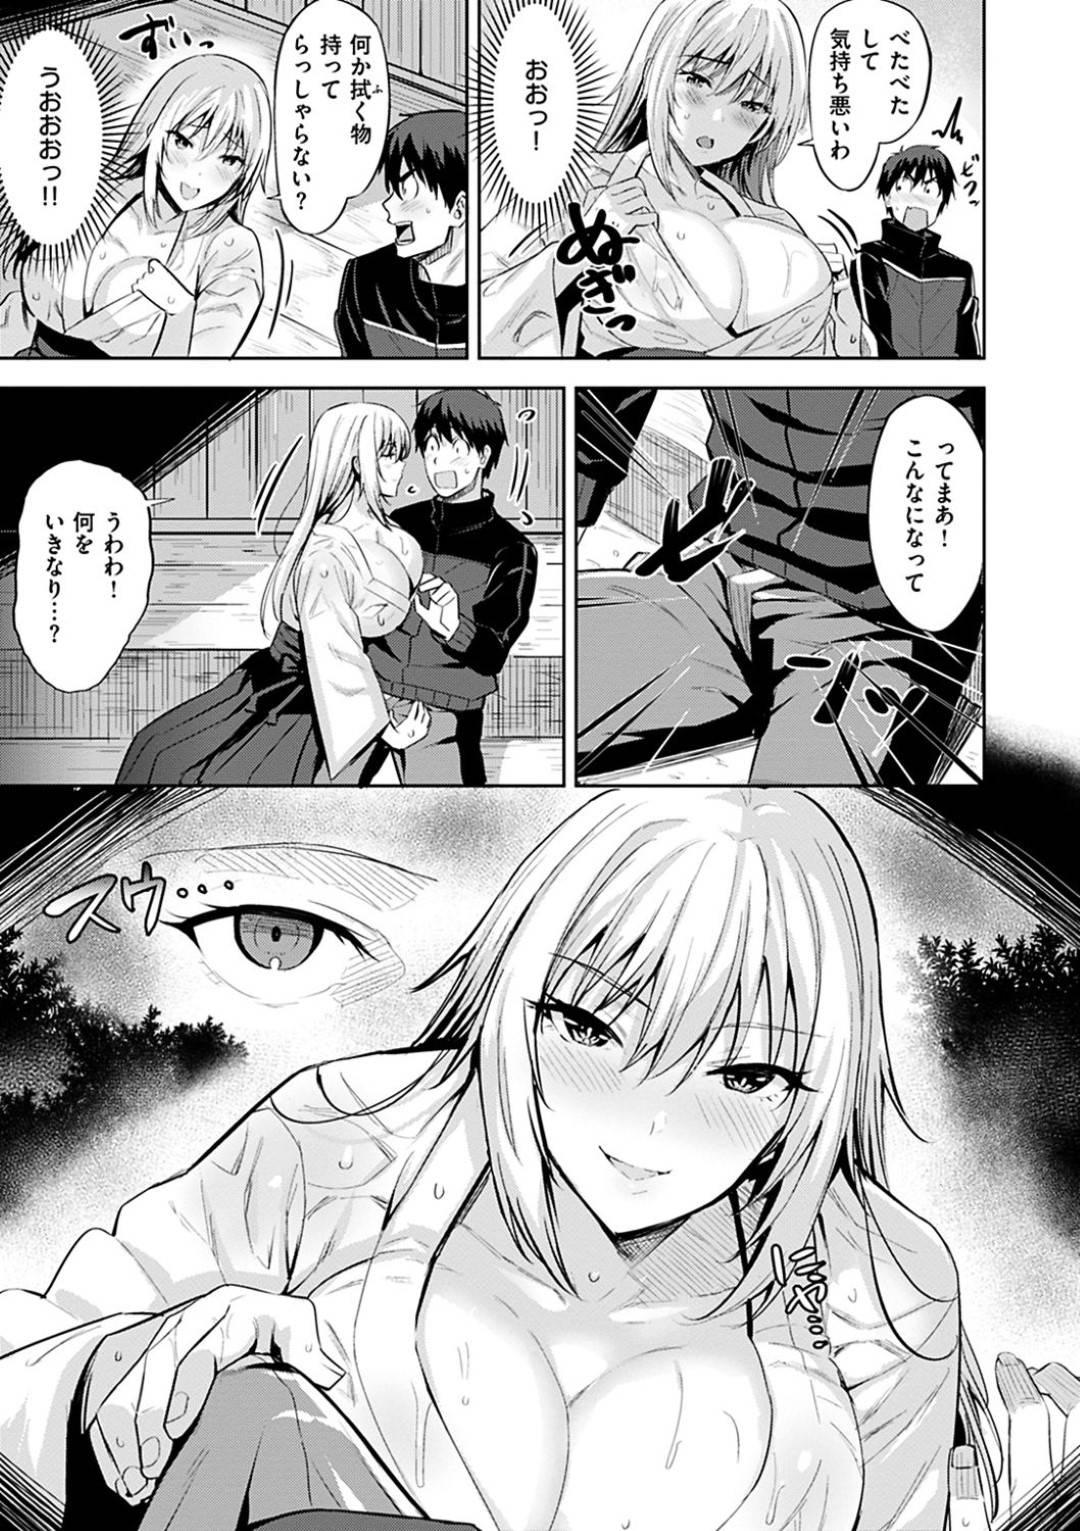 【エロ漫画】神社に参拝しにきた男を誘惑する巫女は、逃げた男の家に夜這いして生ハメ中出しセックス